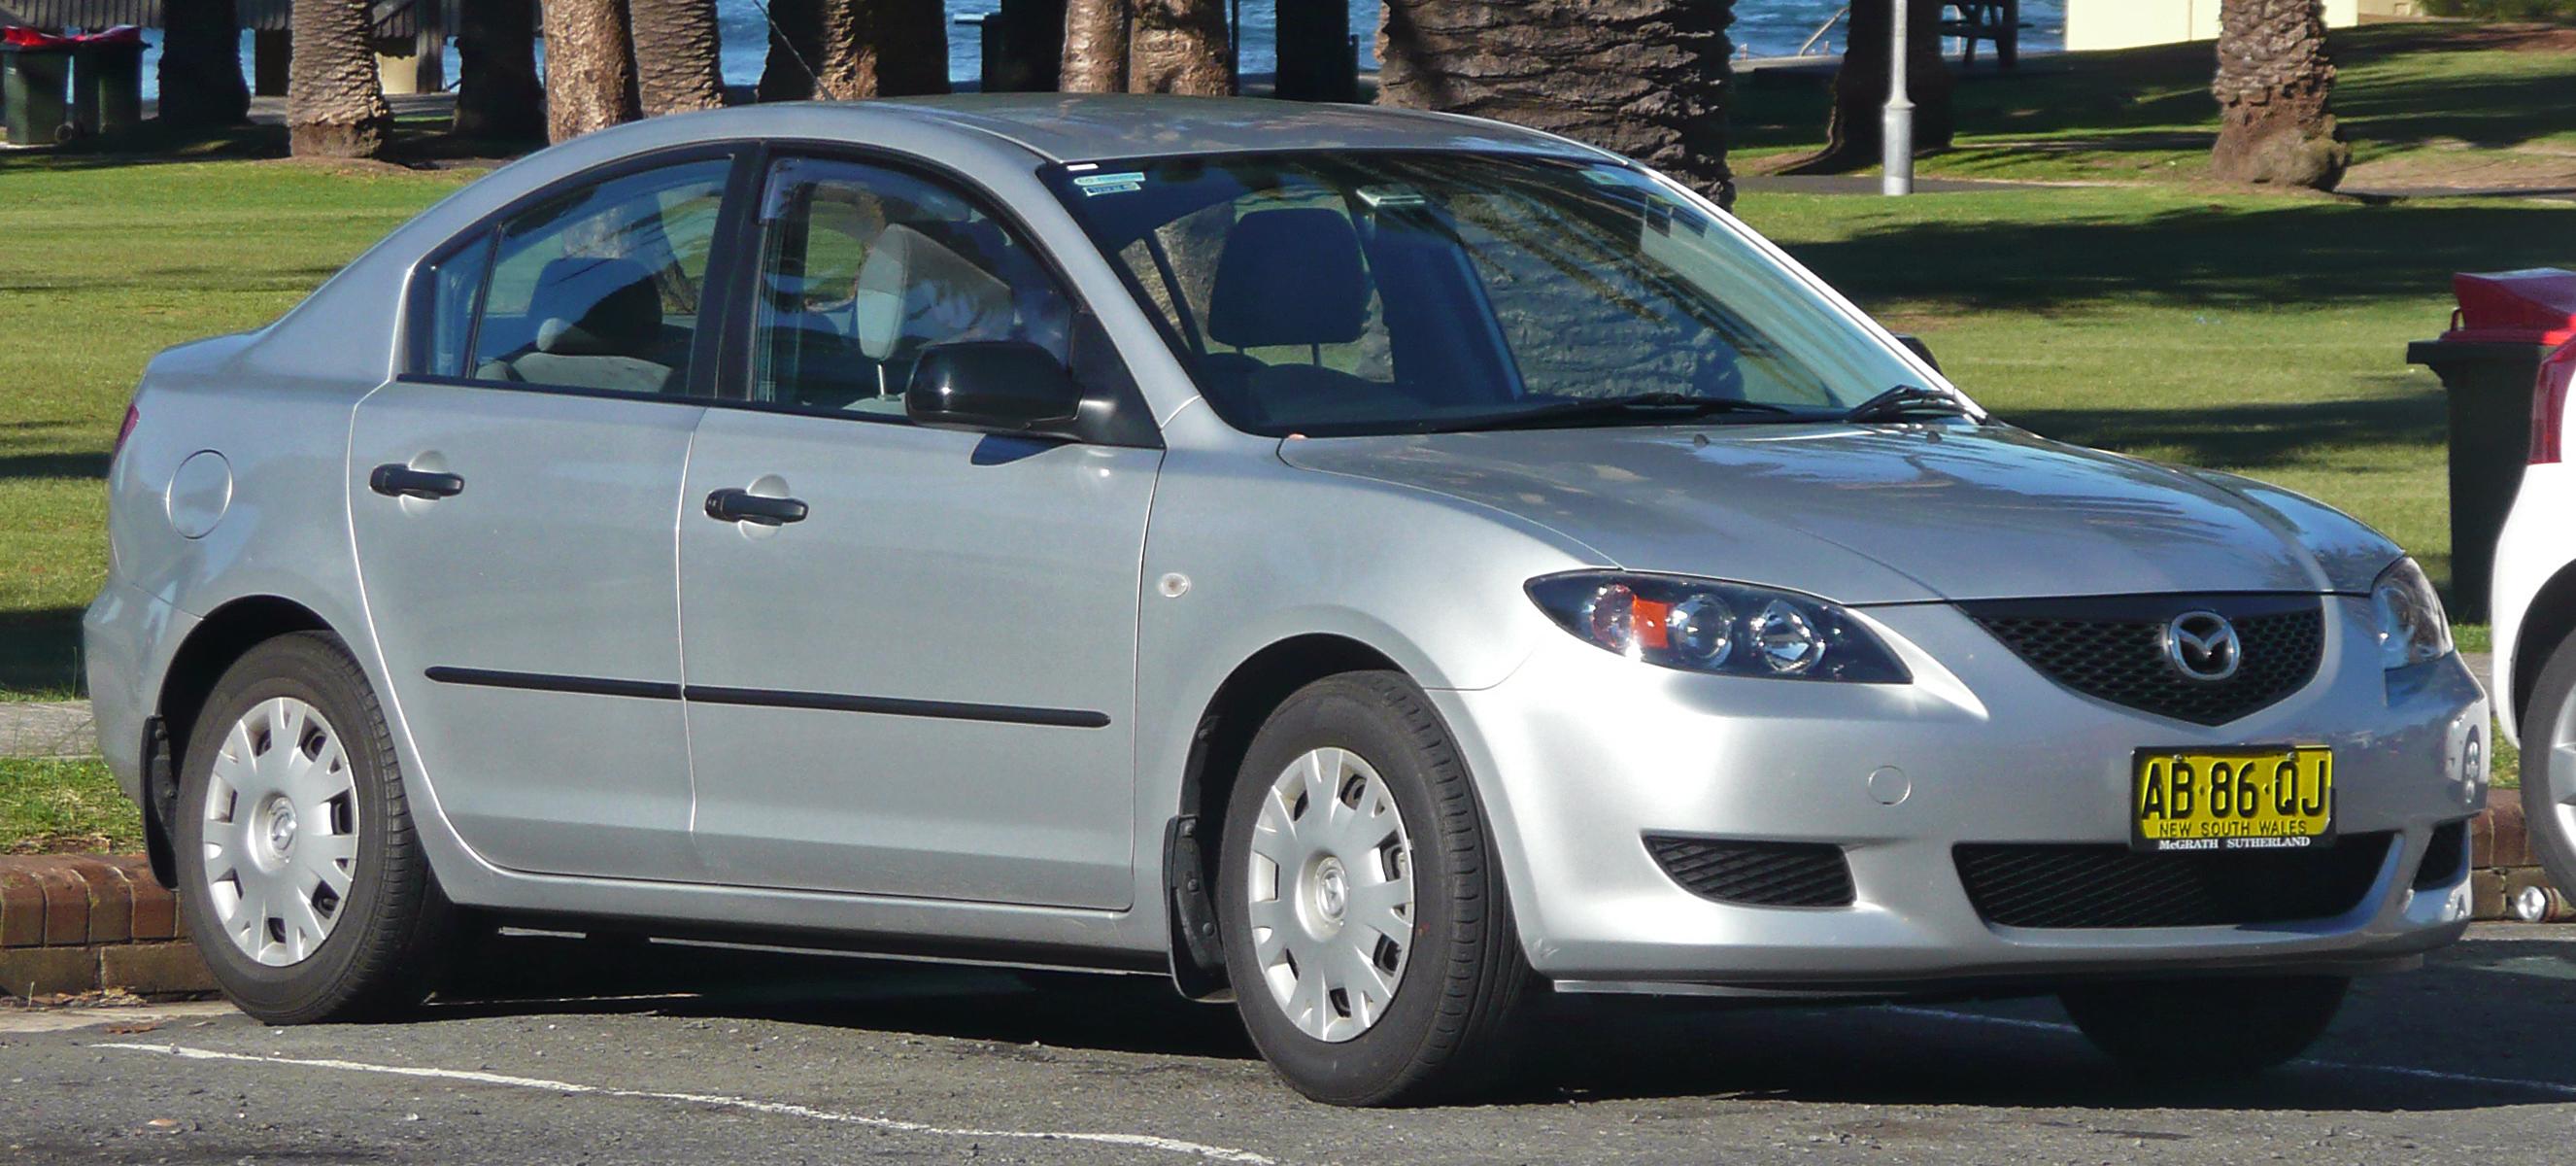 File 2004 Mazda 3 Bk Neo Sedan 2010 06 10 Jpg